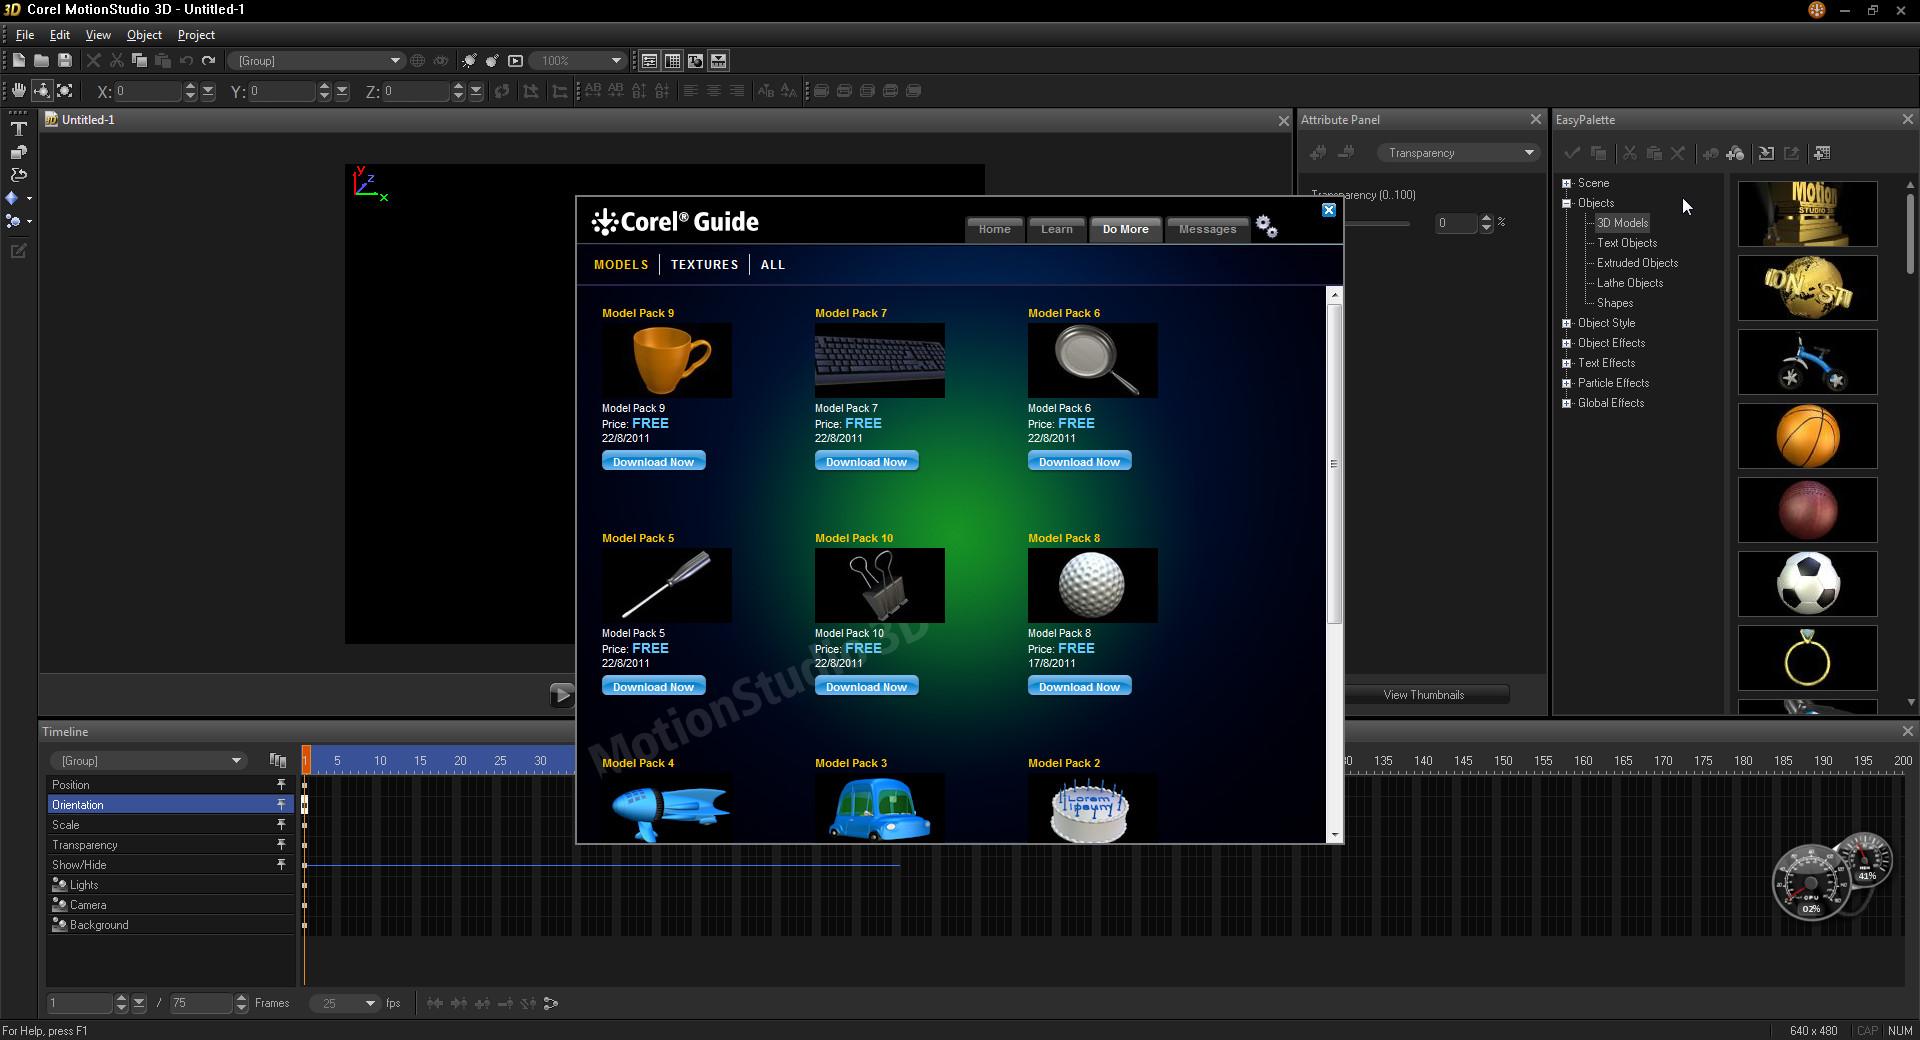 Интерфейс MotionStudio 3D